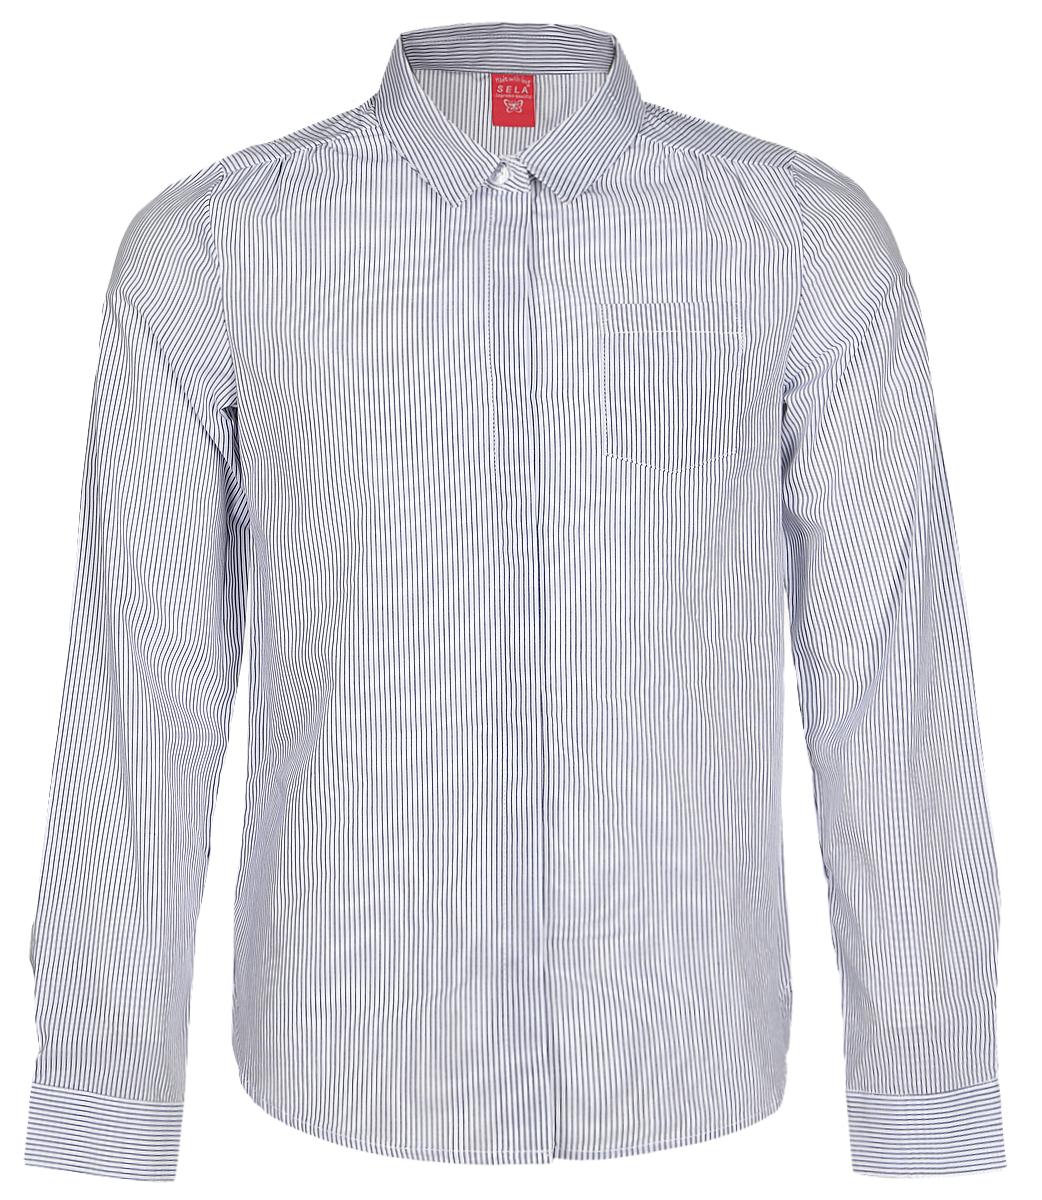 РубашкаB-612/845-7151Рубашка для девочки Sela выполнена из натурального хлопка. Рубашка с длинными рукавами и отложным воротником застегивается на пуговицы спереди. Манжеты рукавов также застегиваются на пуговицы. Рубашка оформлена принтом в полоску. На груди расположен накладной карман.